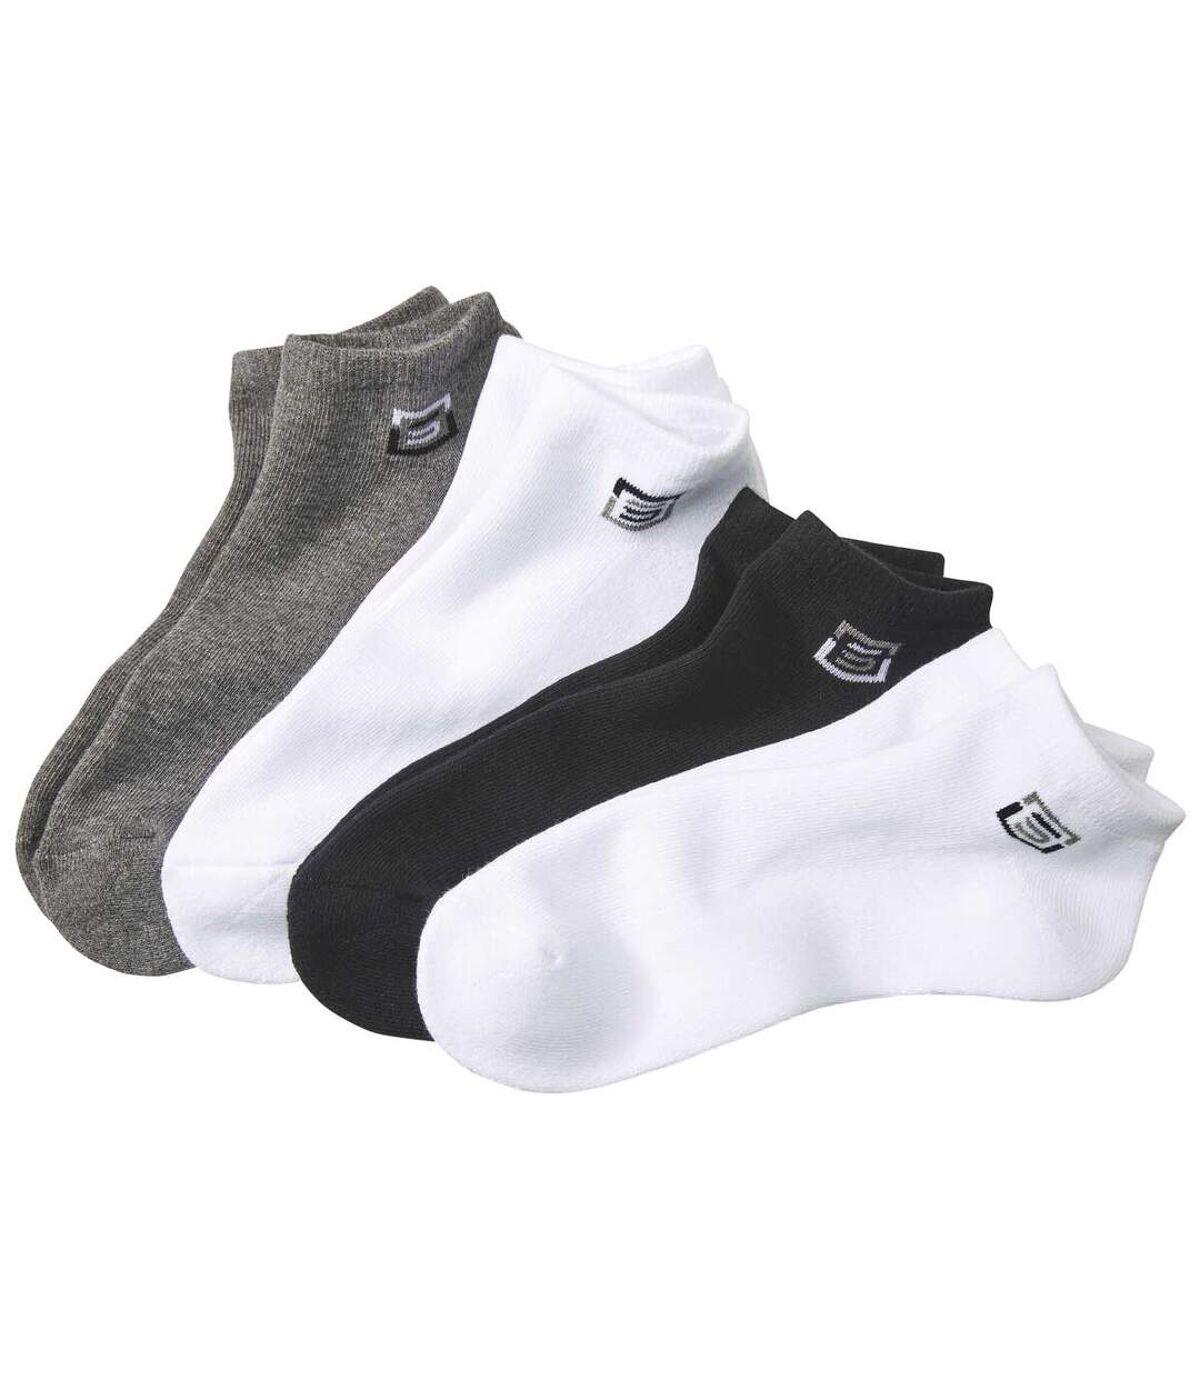 Pack of 4 Men's Sport Socks - Black White Grey Atlas For Men